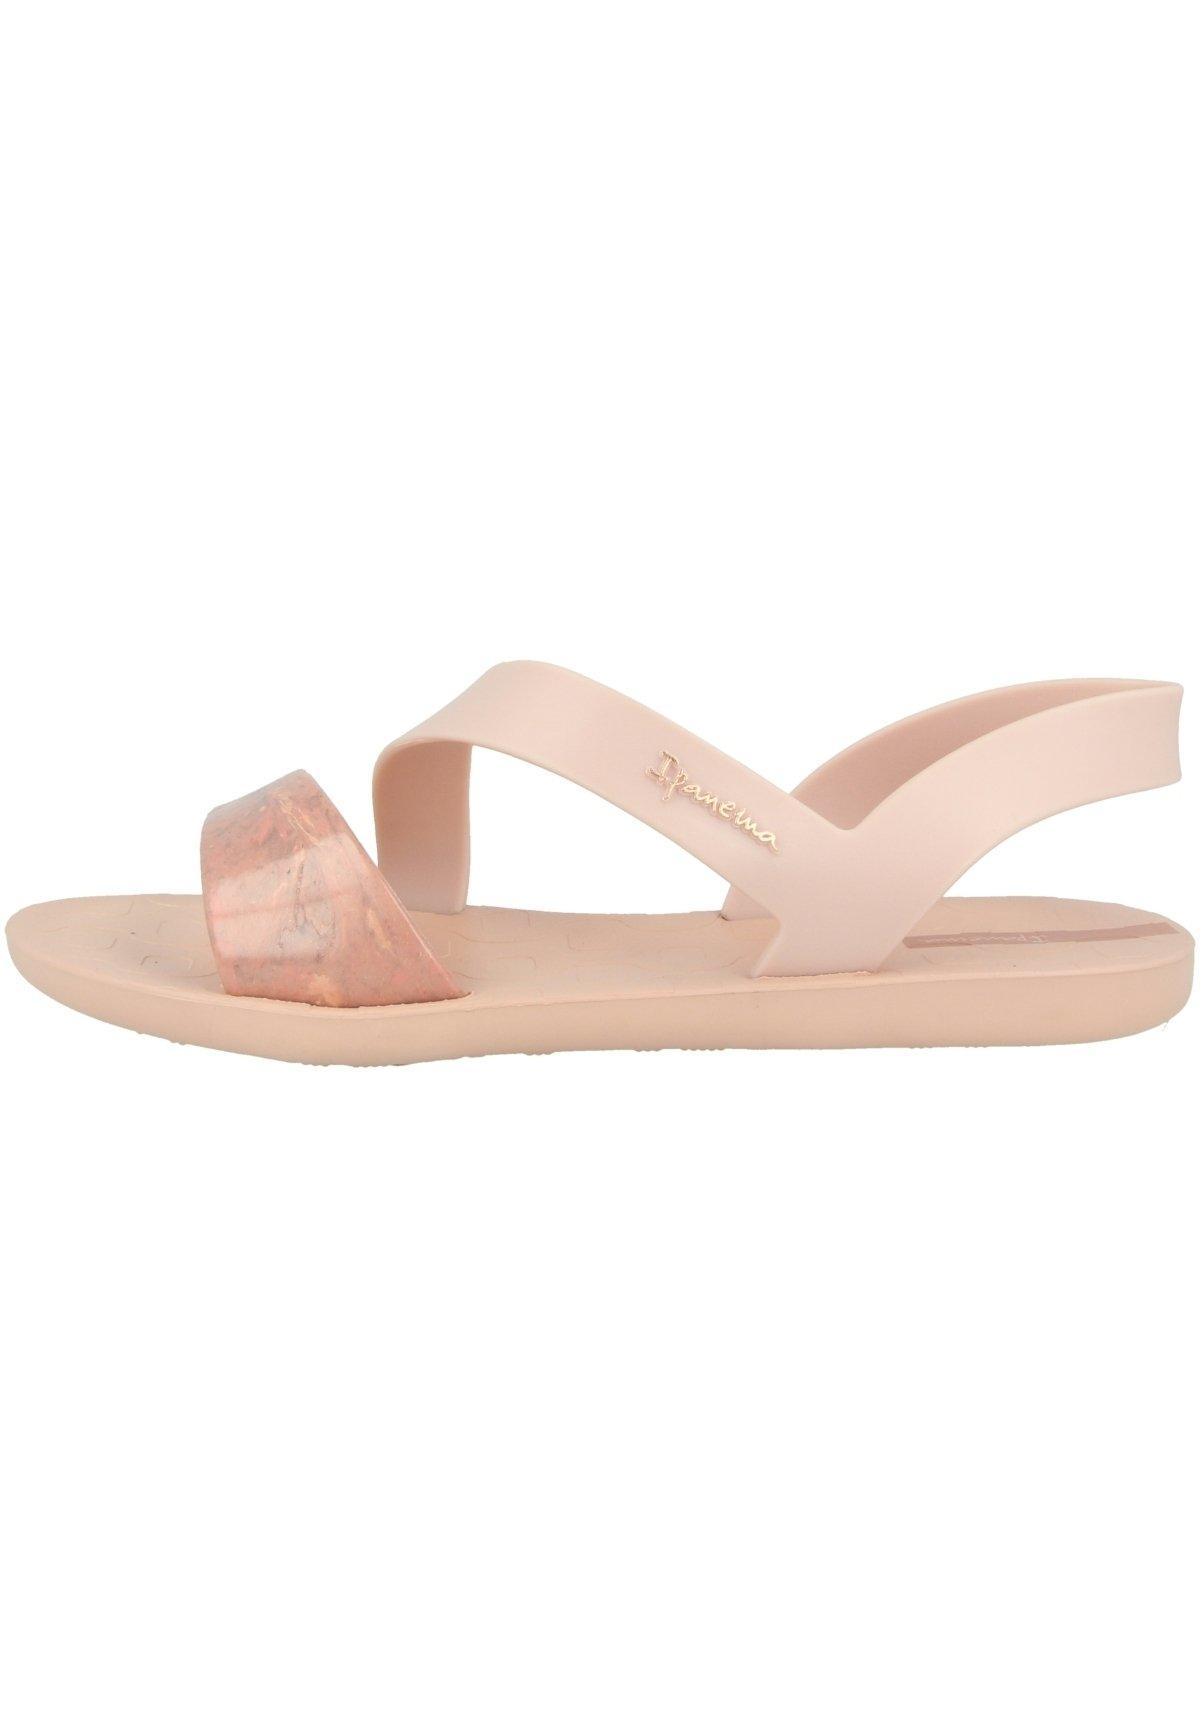 Damer Sandaler - pink-splash clear